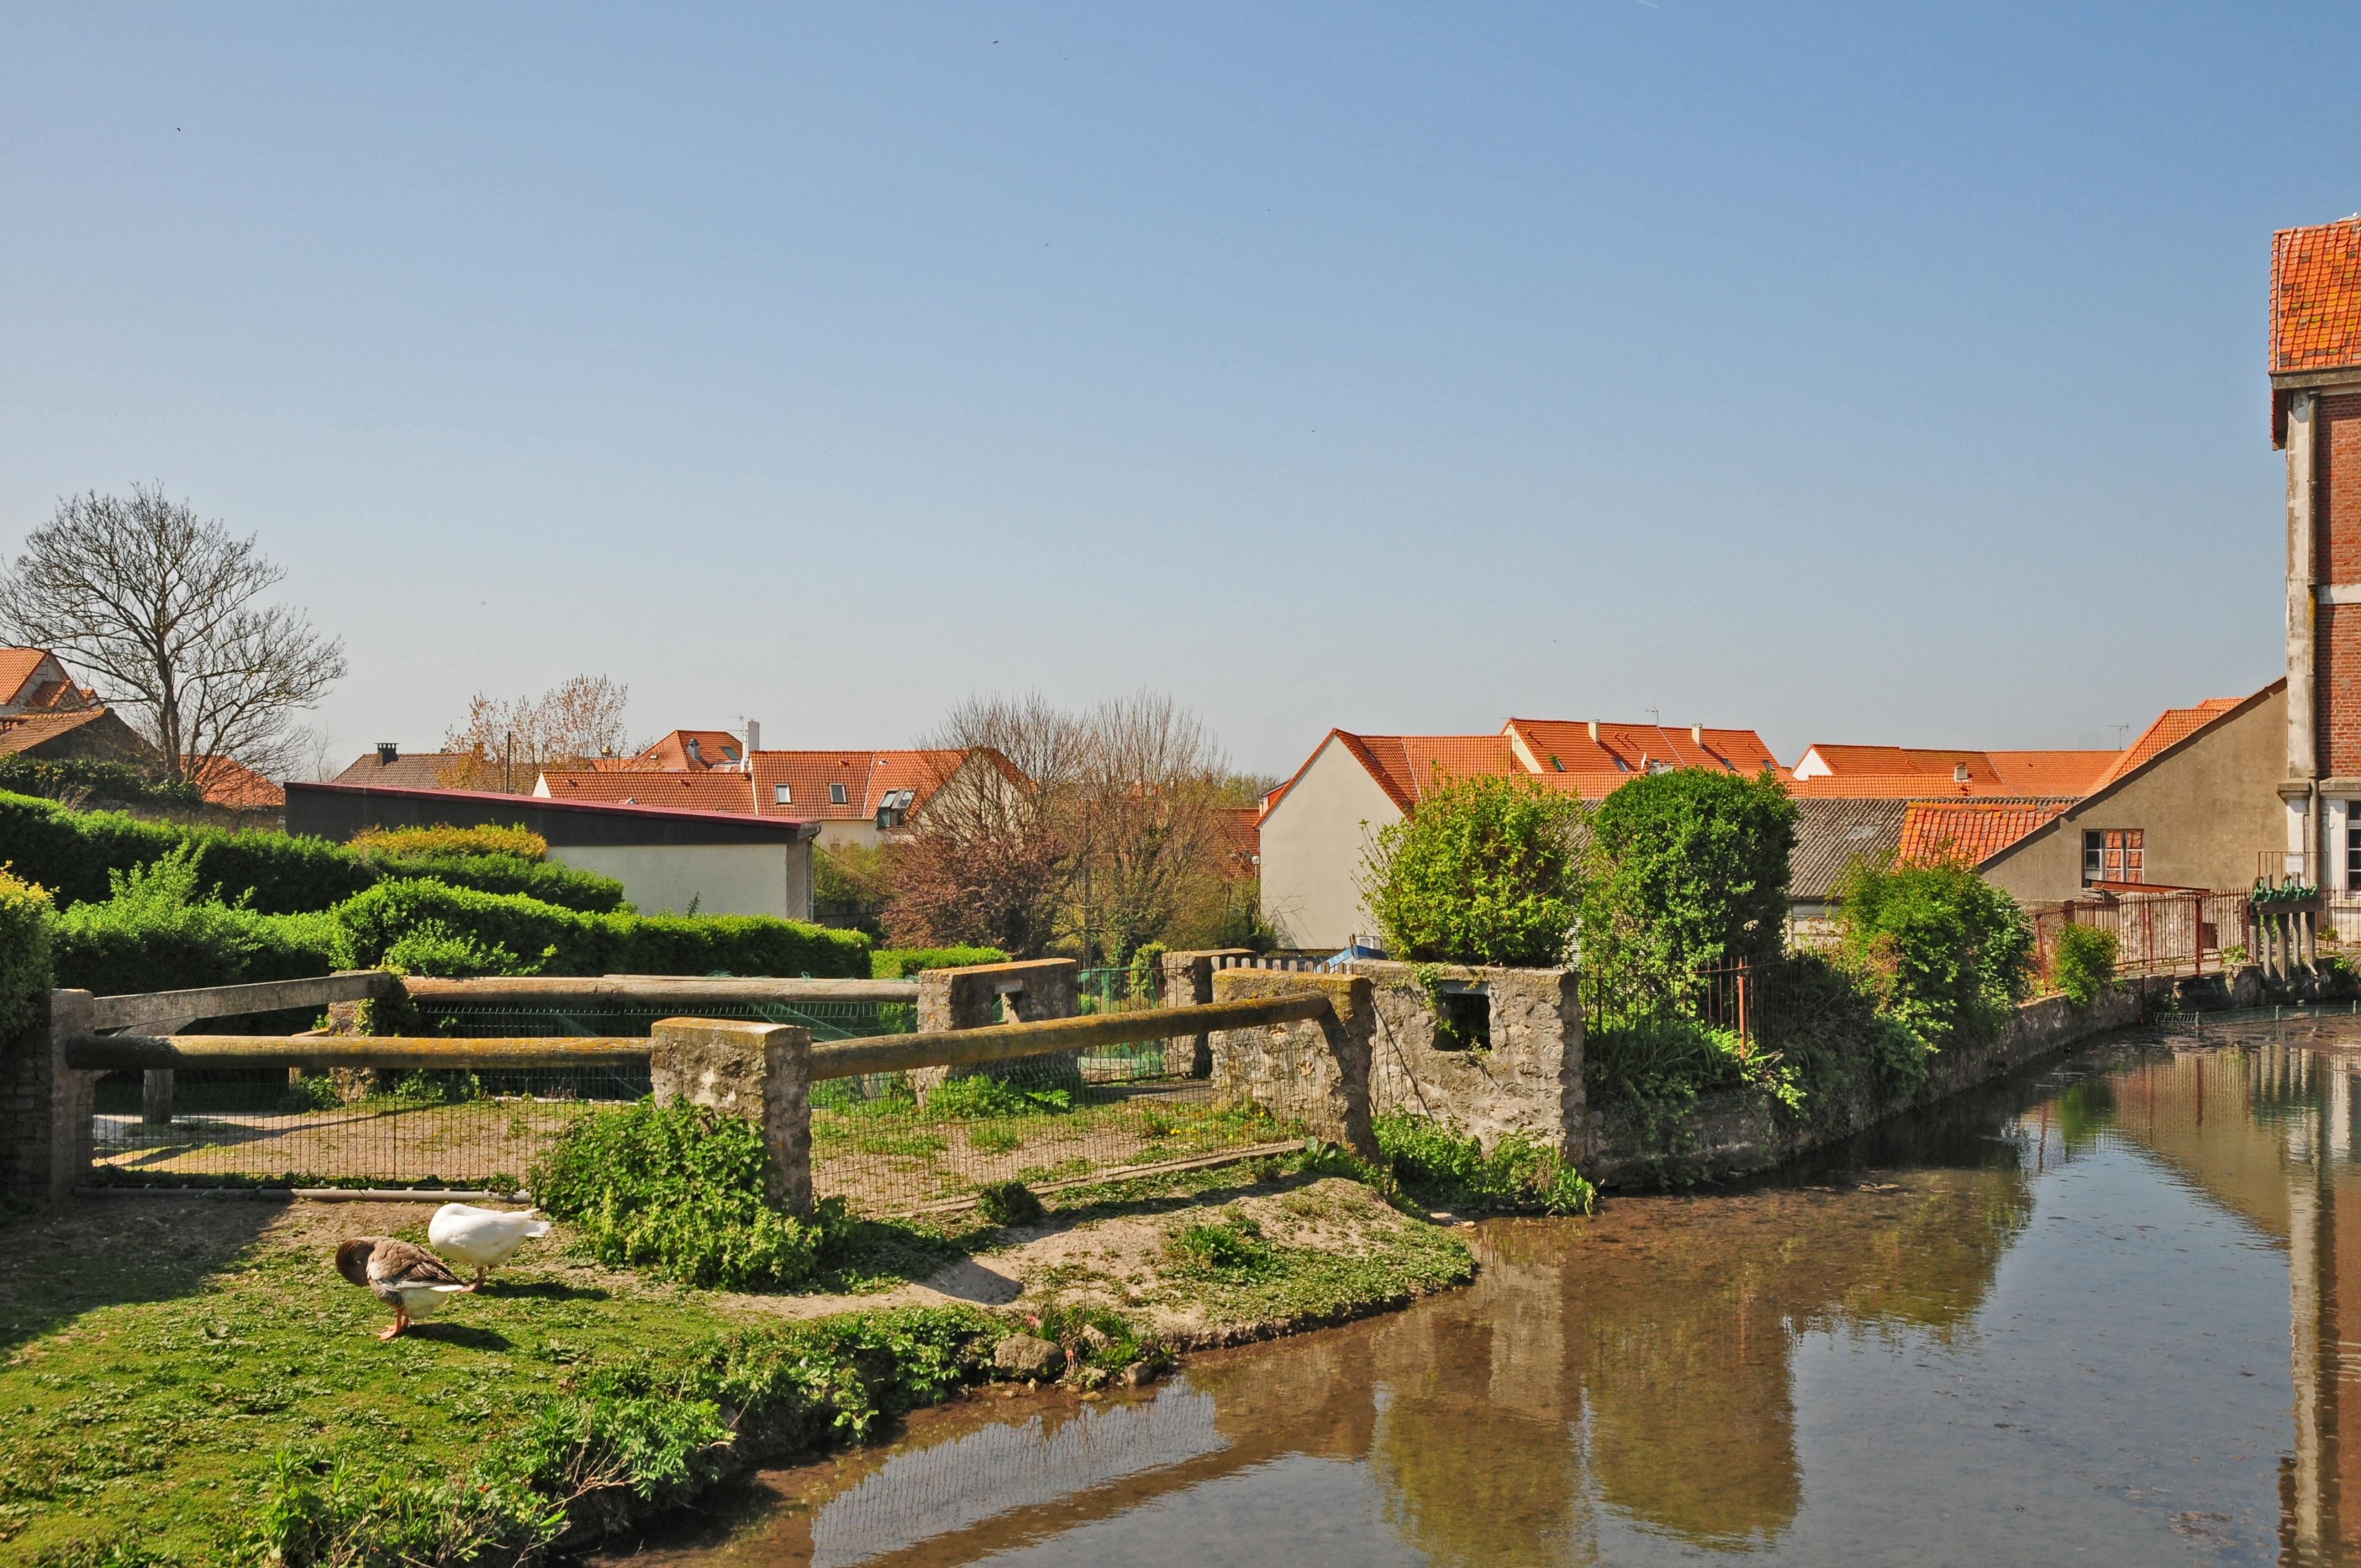 Wissant, Pas-de-Calais (departement), Frankrijk